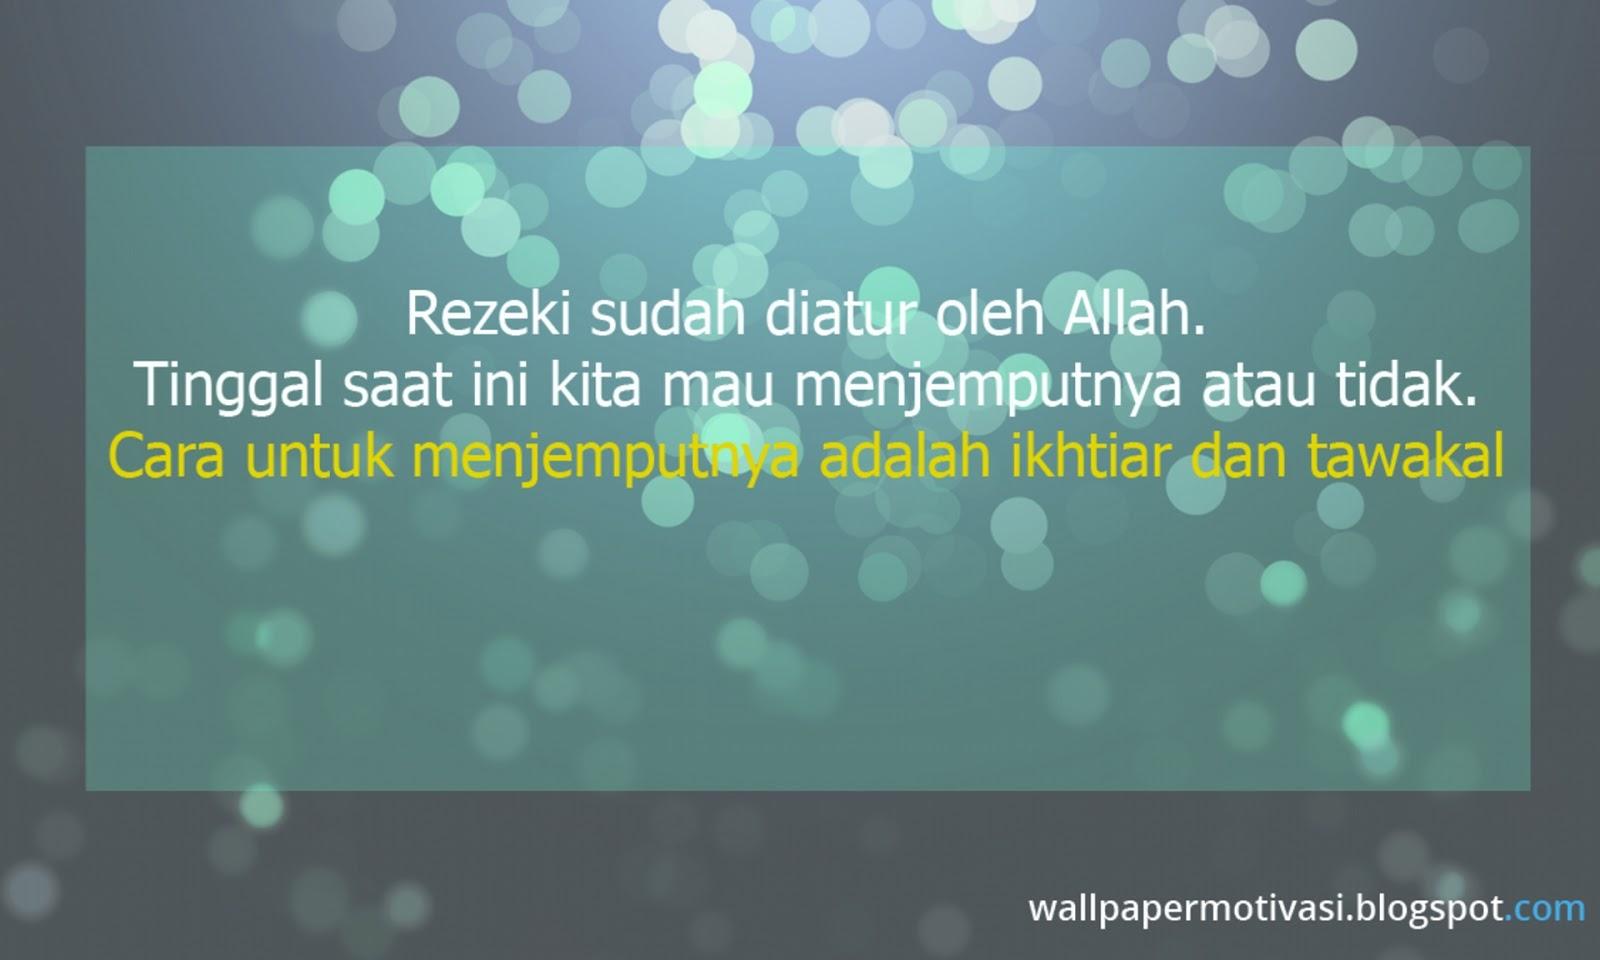 Wallpaper Kata Bijak Semangat Kata Kata Rezeki Allah 1600x960 Download Hd Wallpaper Wallpapertip